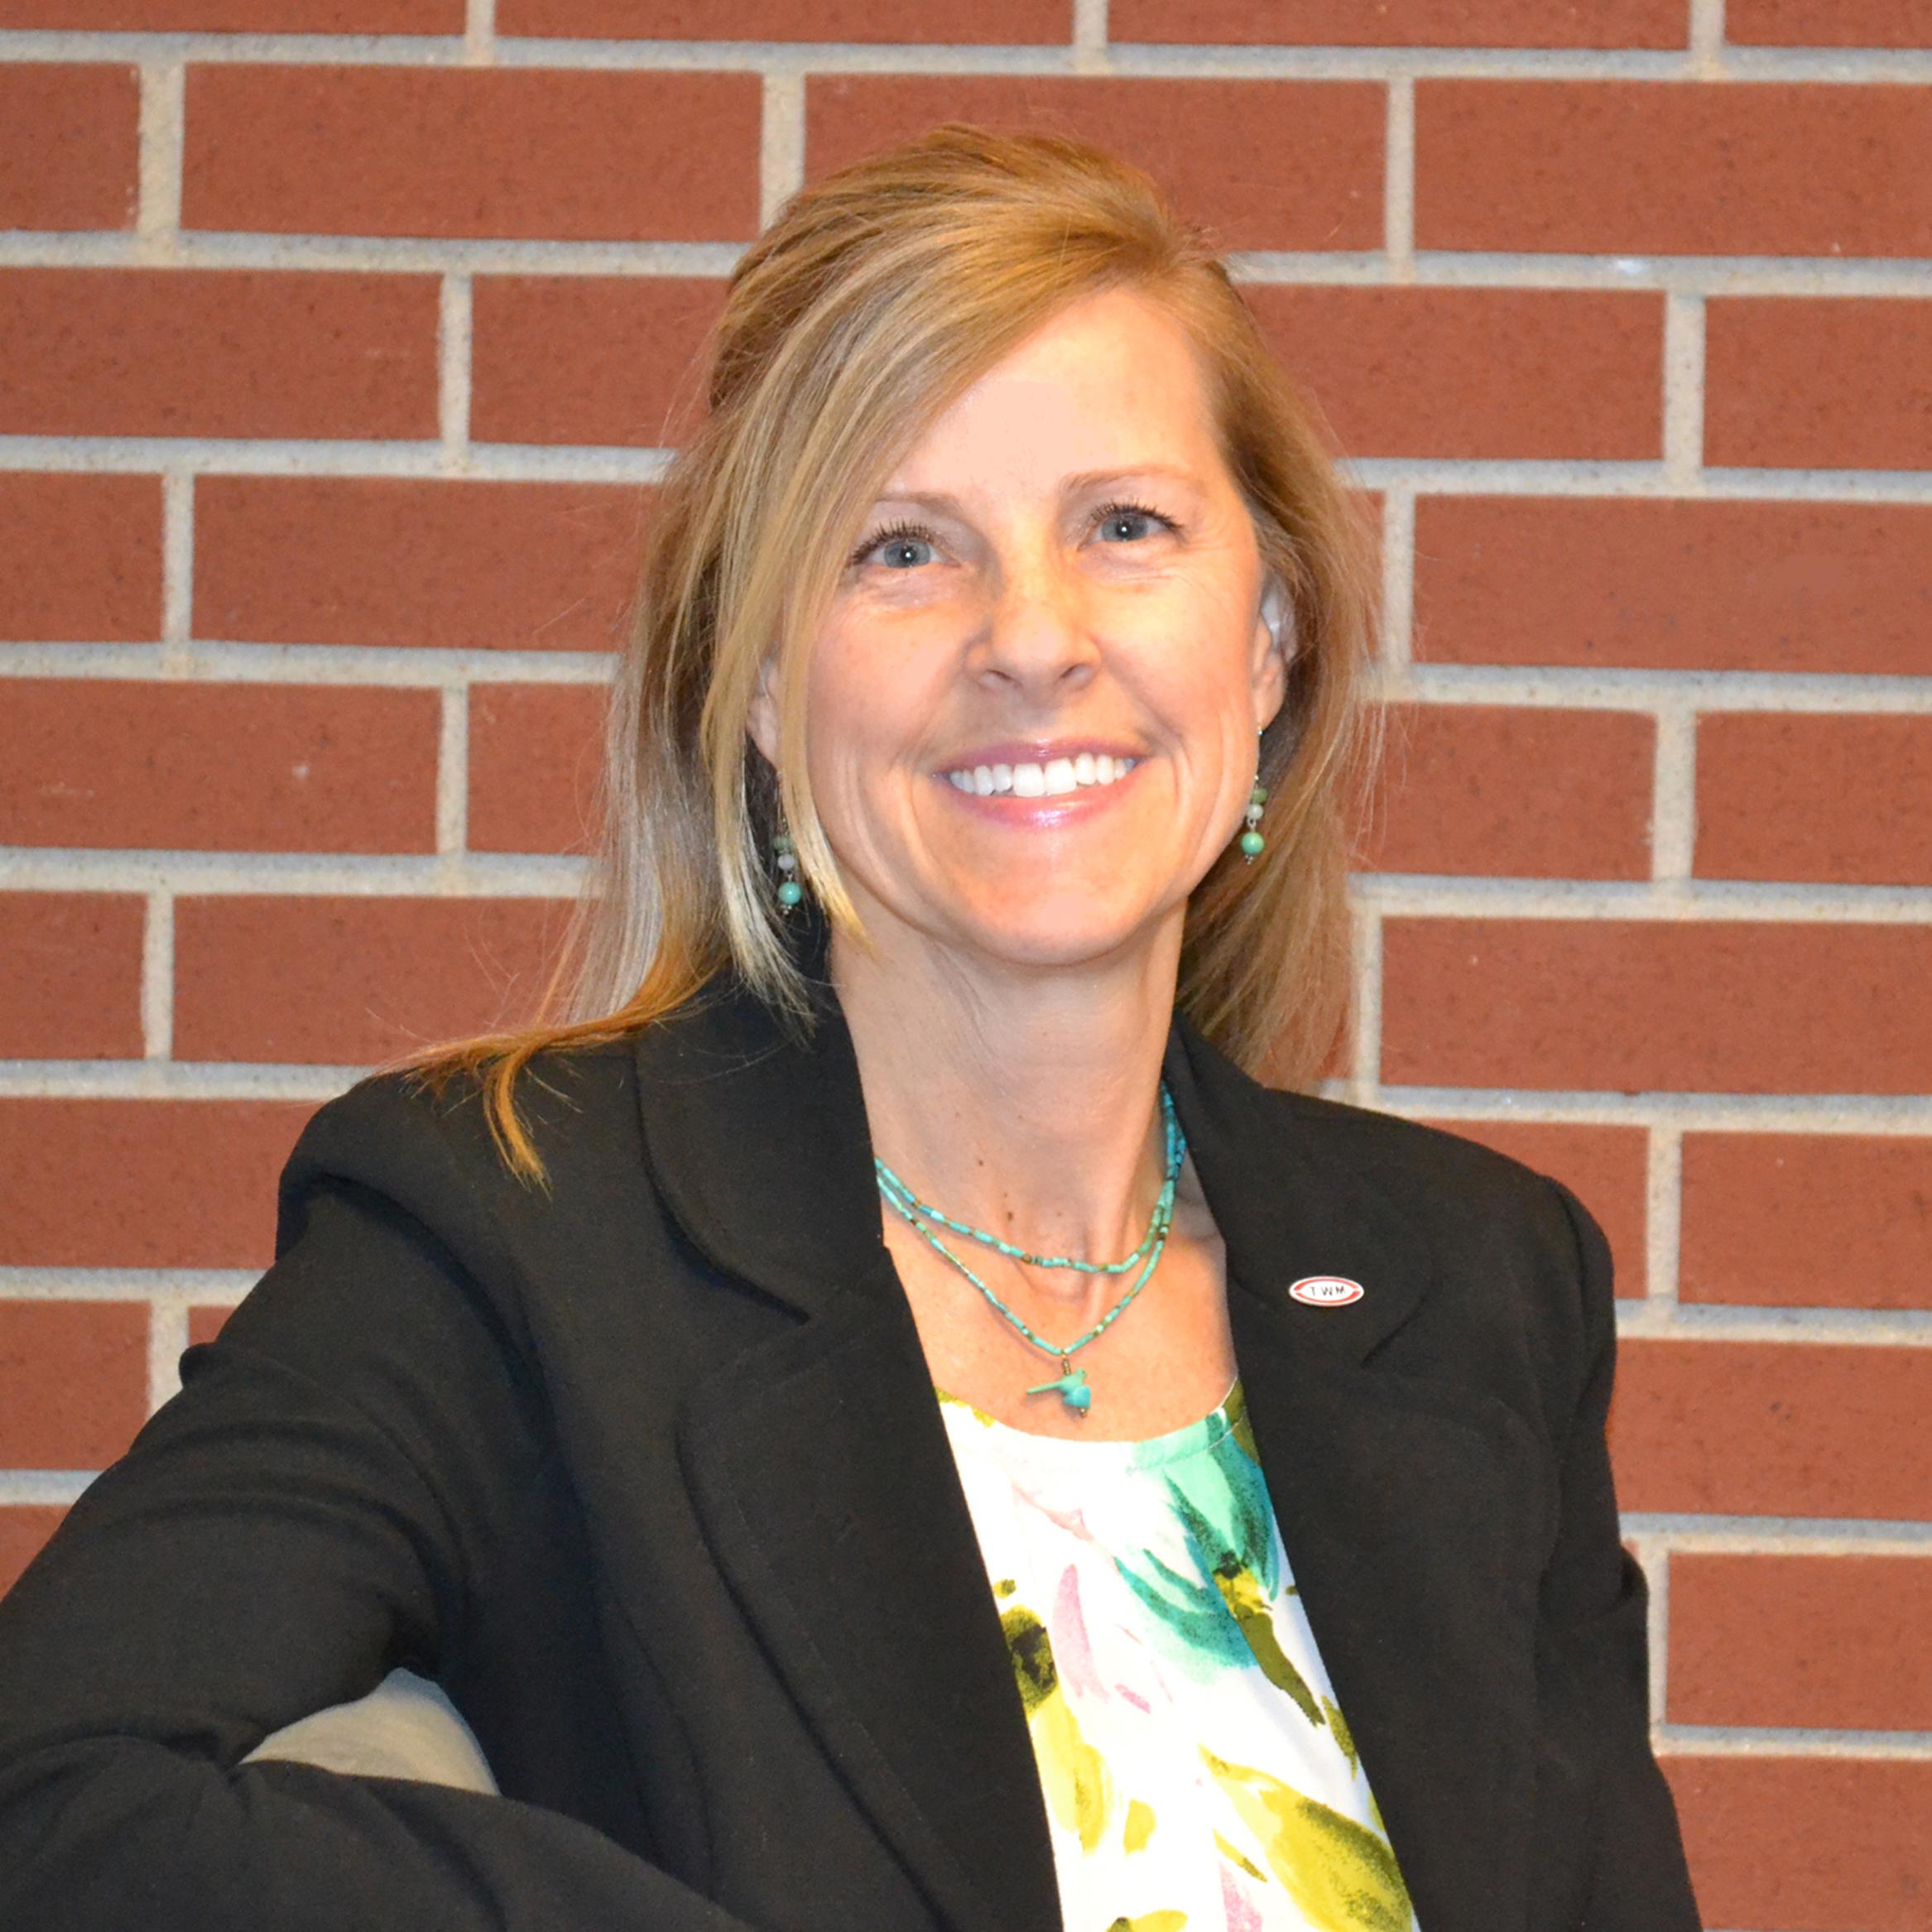 Sheila K. - Transportation Department Manager